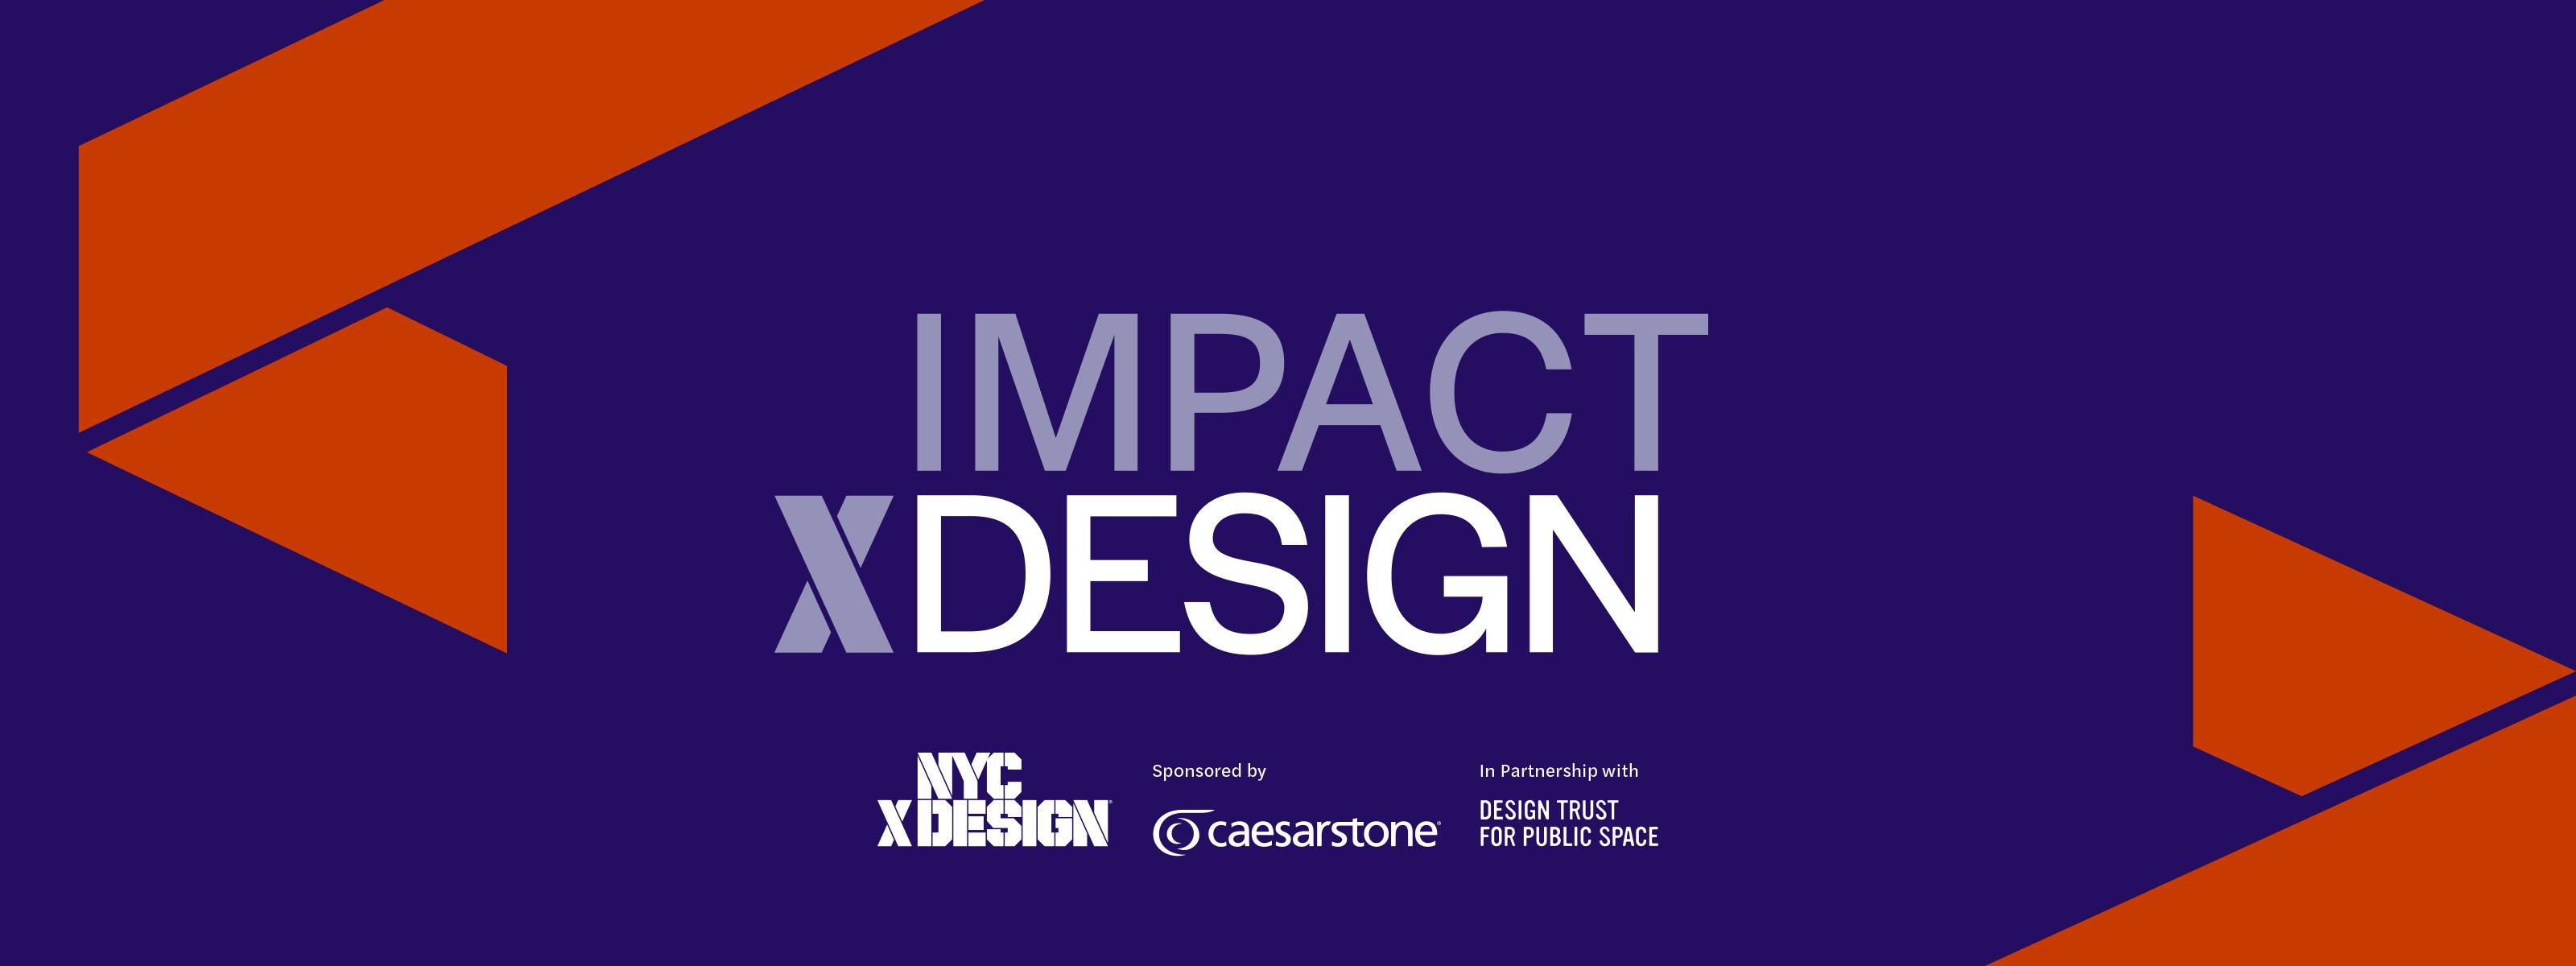 NYCxD_2021_IMPACTxDESIGN_LandingPageHeader_3200x1200